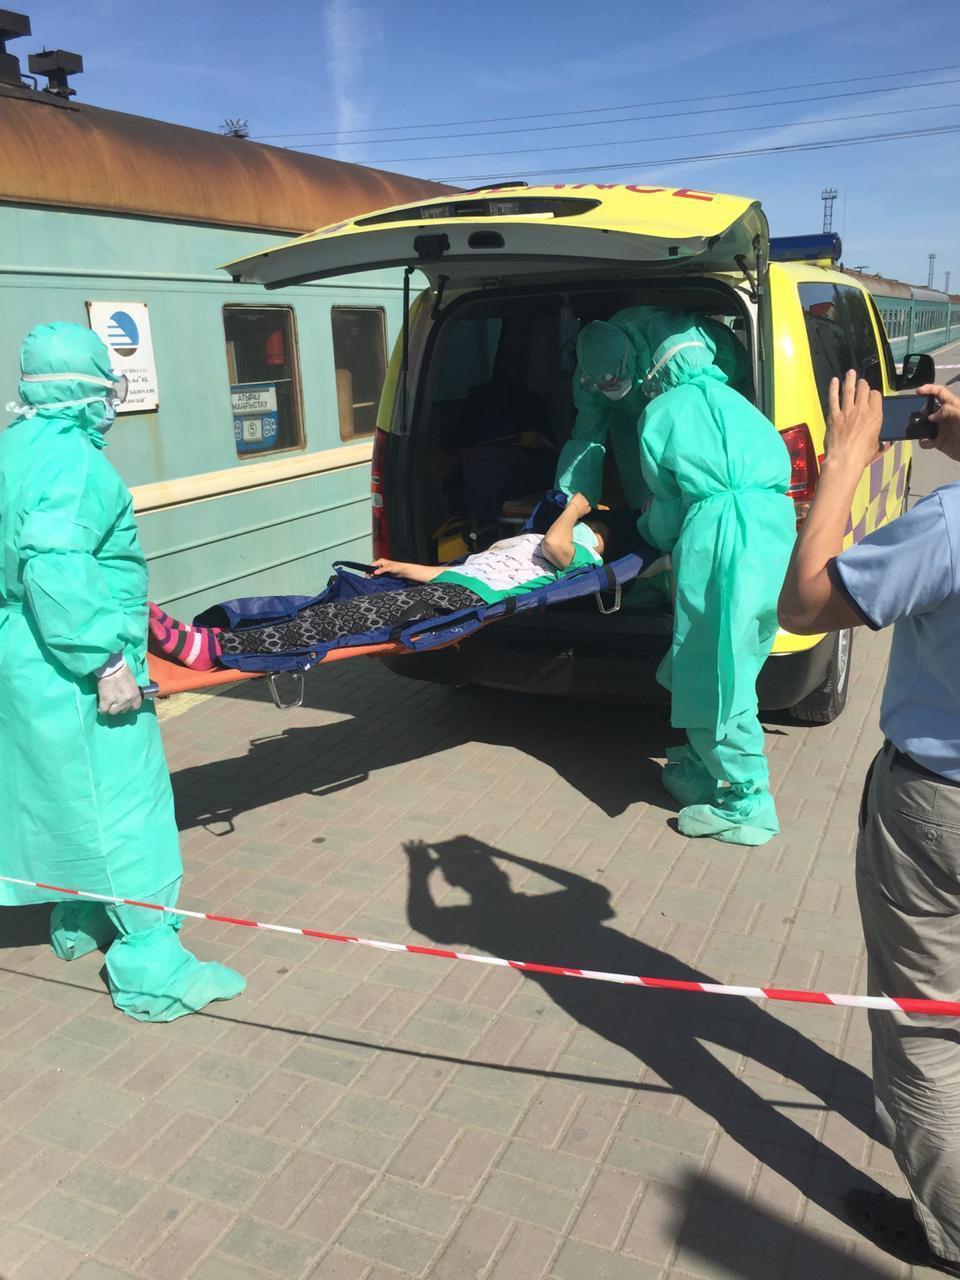 Холера в поезде: в Атырау отработали экстренную эвакуацию